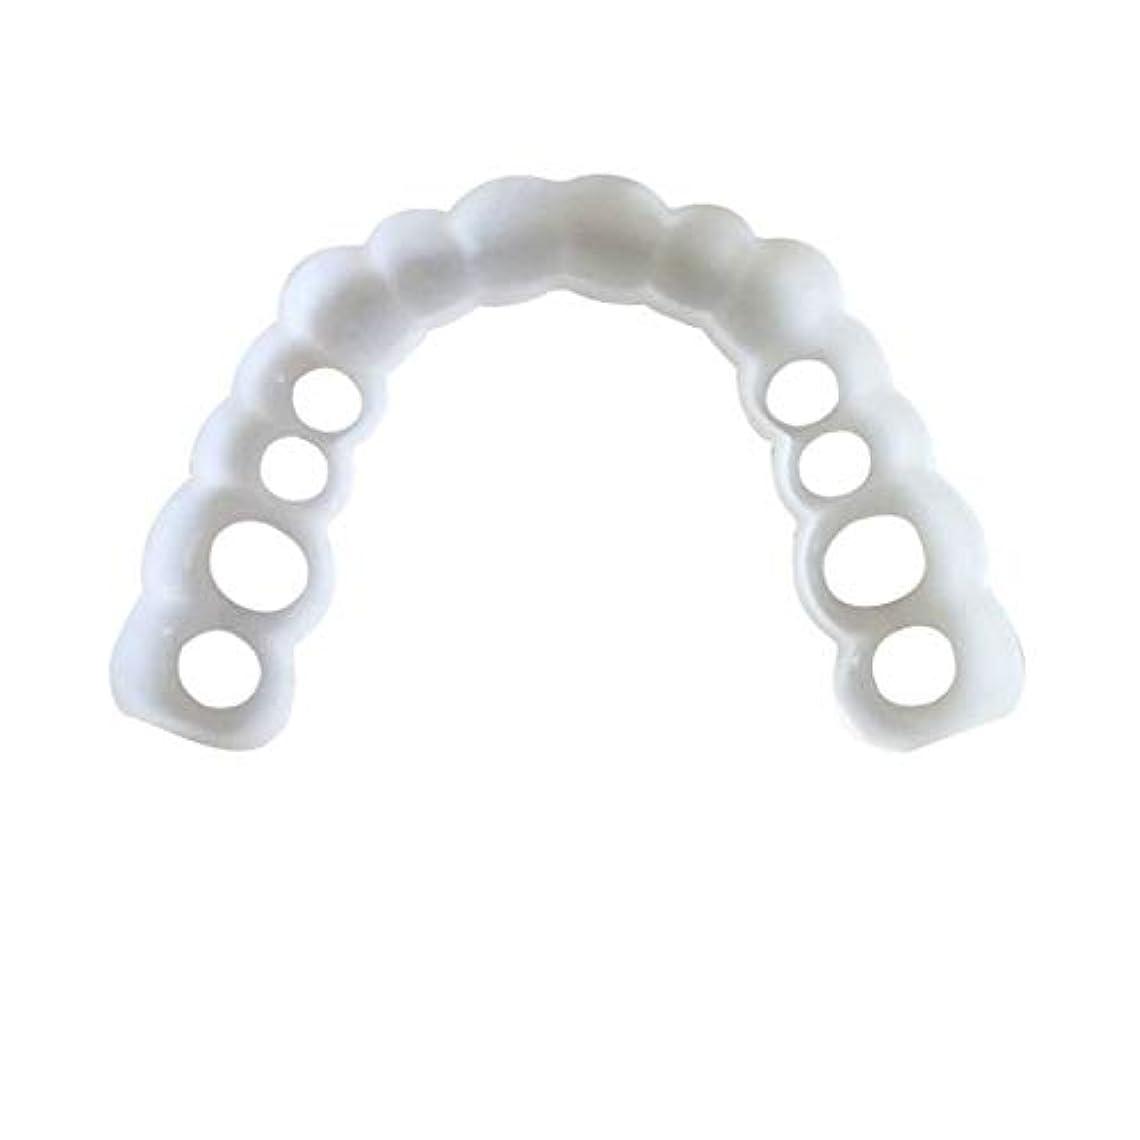 容器女優くしゃくしゃ777/5000 1組の一時的な化粧品の歯義歯の歯の化粧品の模擬装具アッパーブレース+ロワーブレース、インスタント快適なフレックスパーフェクトベニア上の歯のスナップキャップ